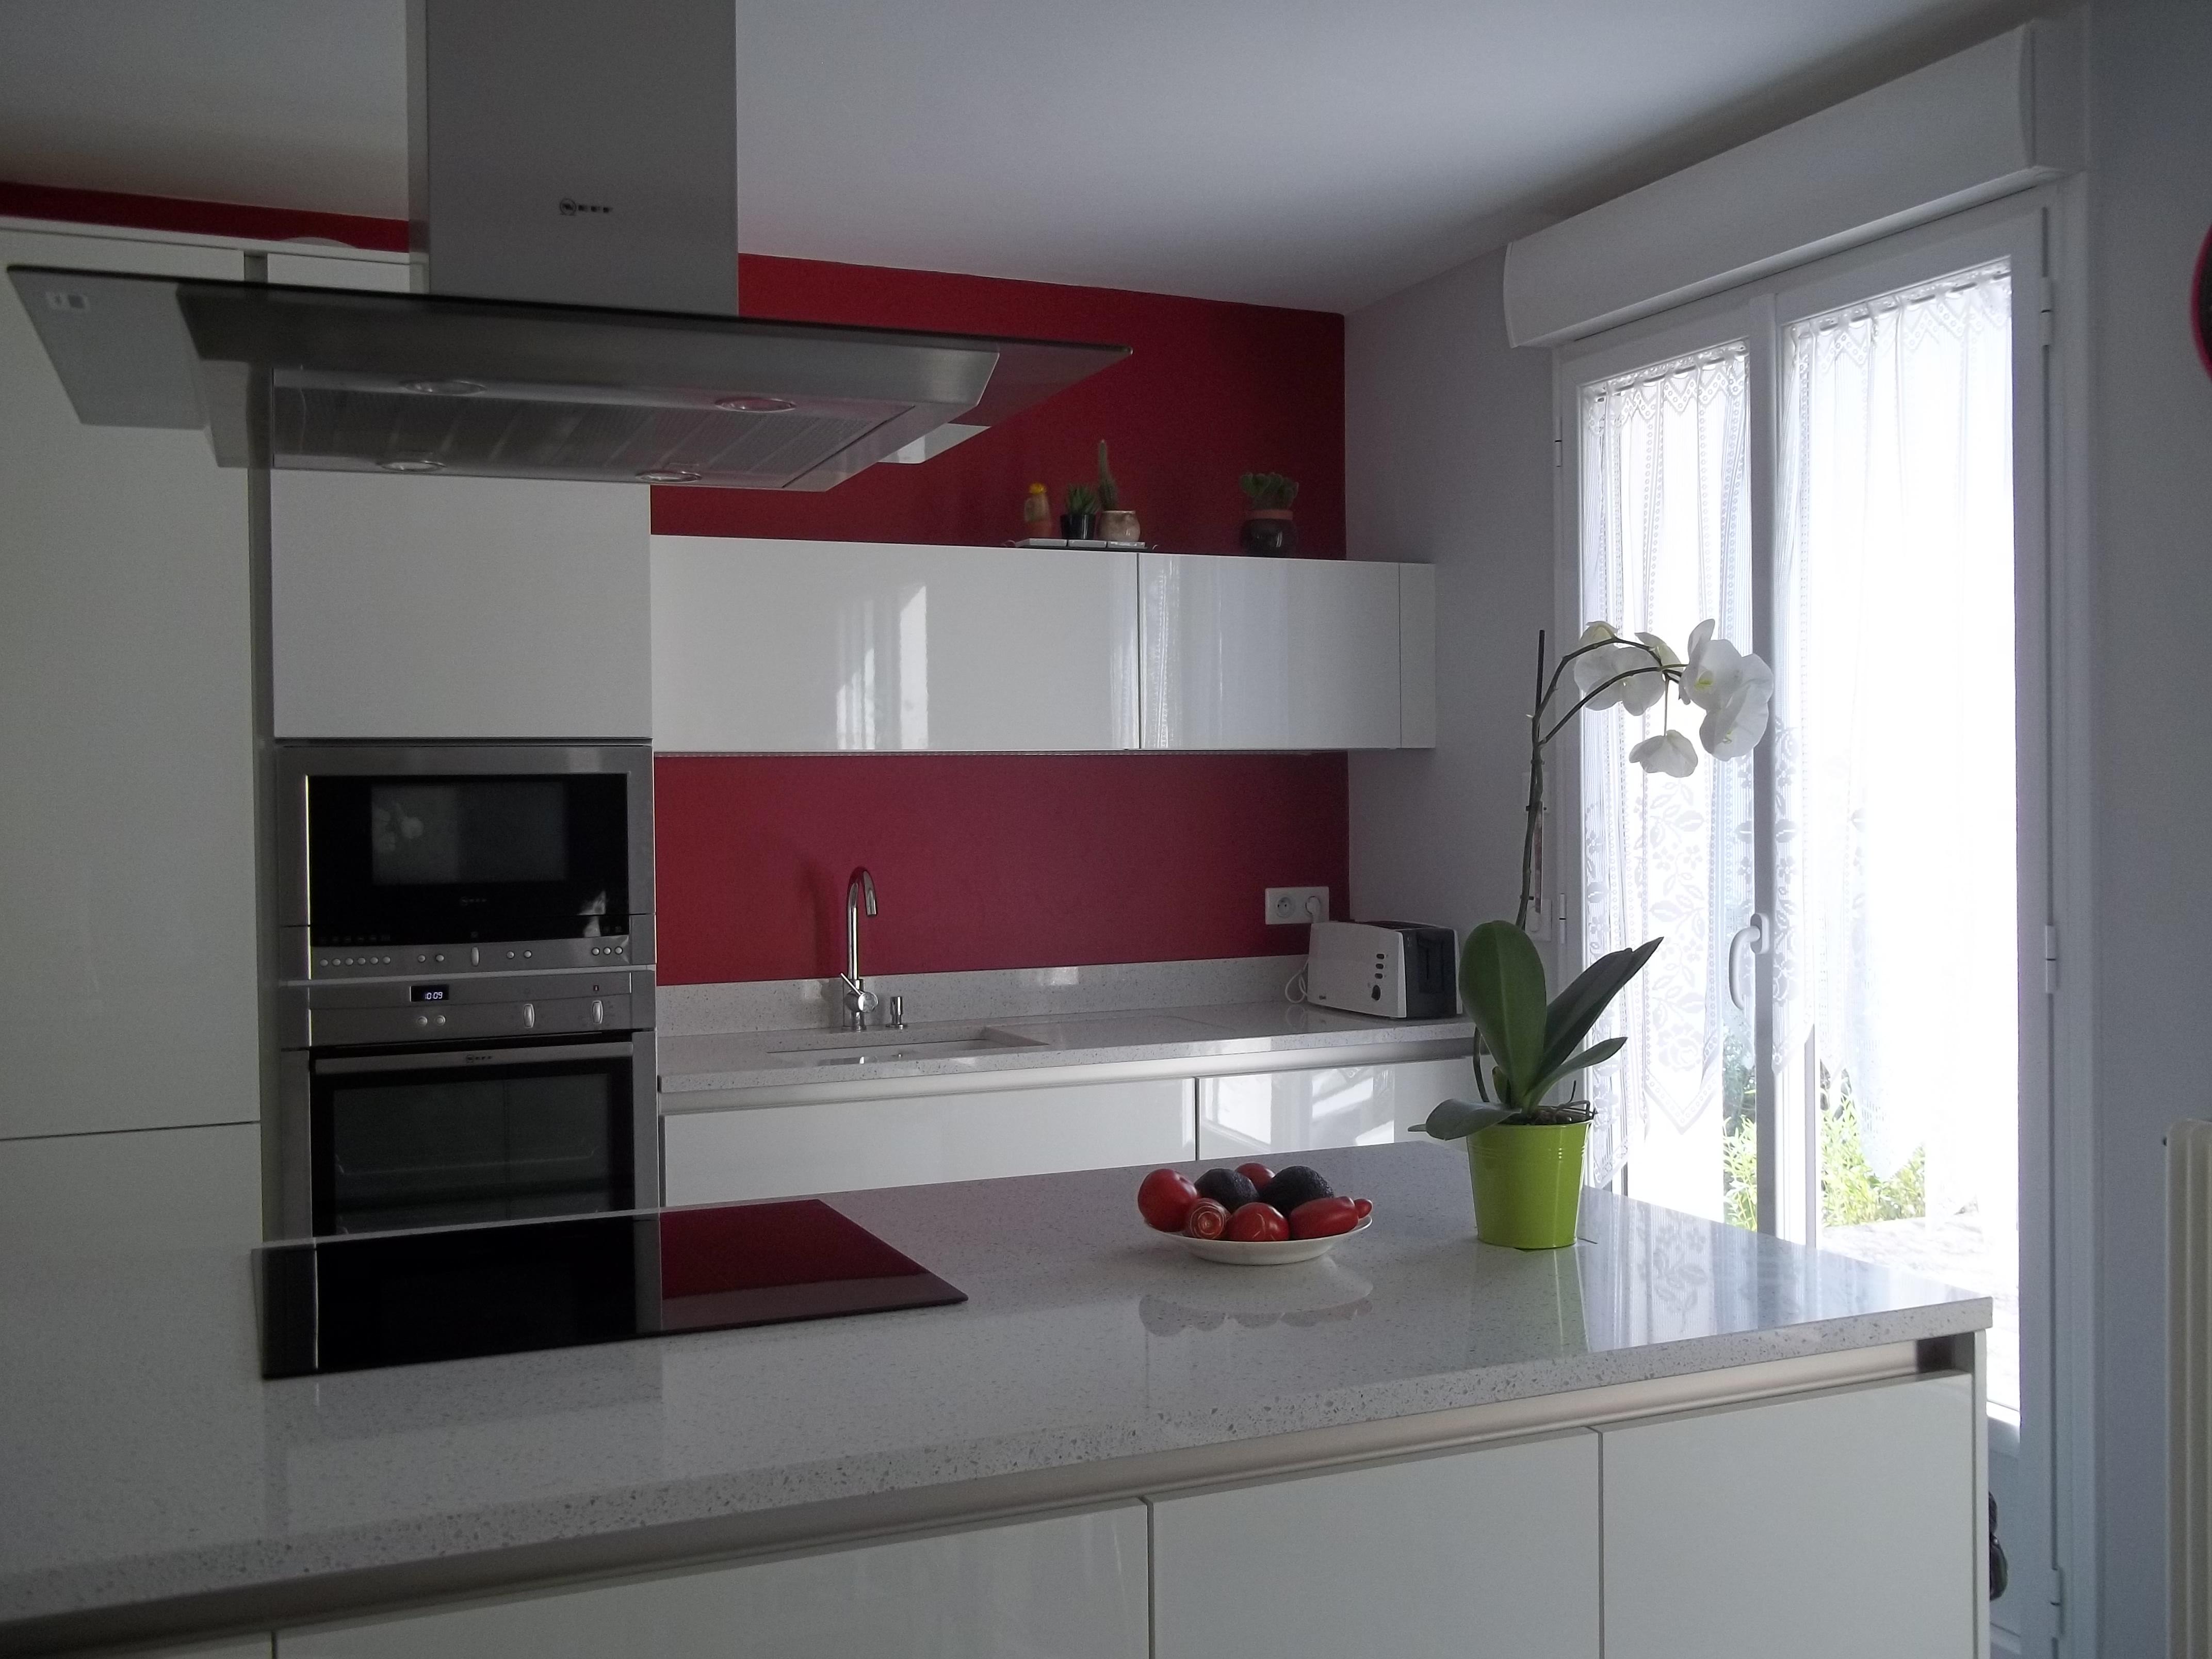 quelle couleur peinture pour cuisine avec meubles blancs